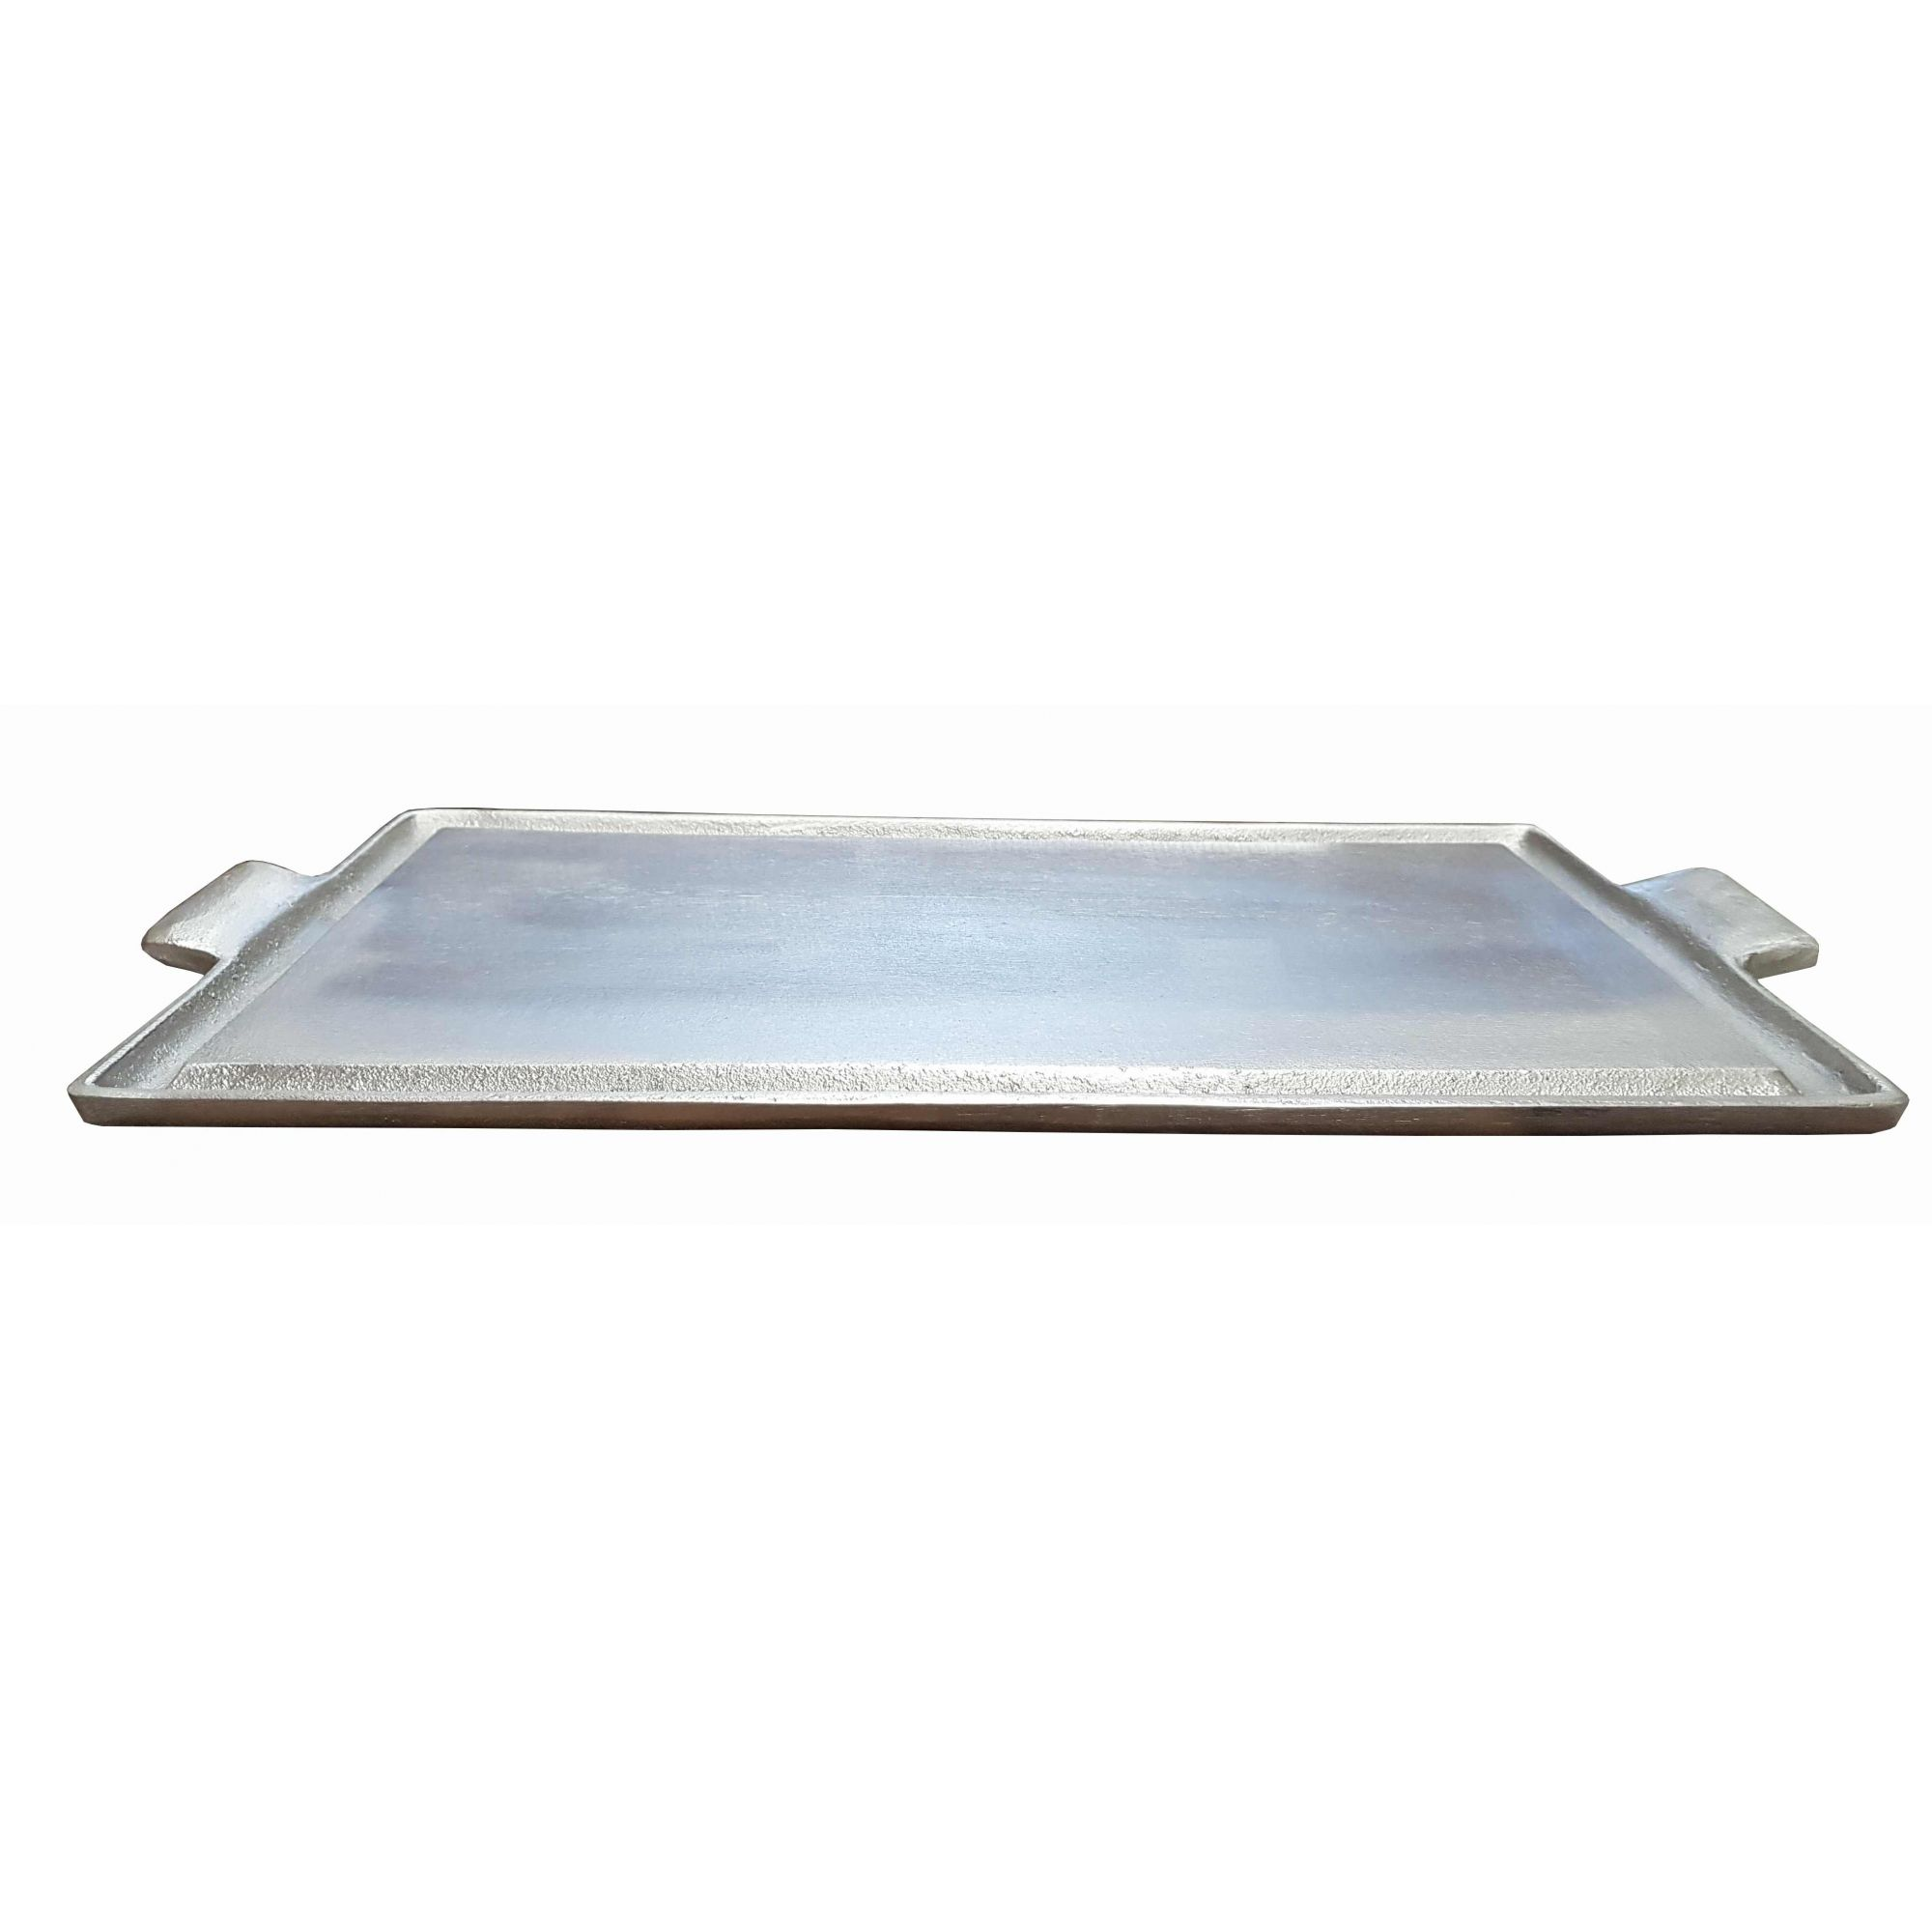 Chapa para Fogão Alumínio 23x40cm Fundição Astro